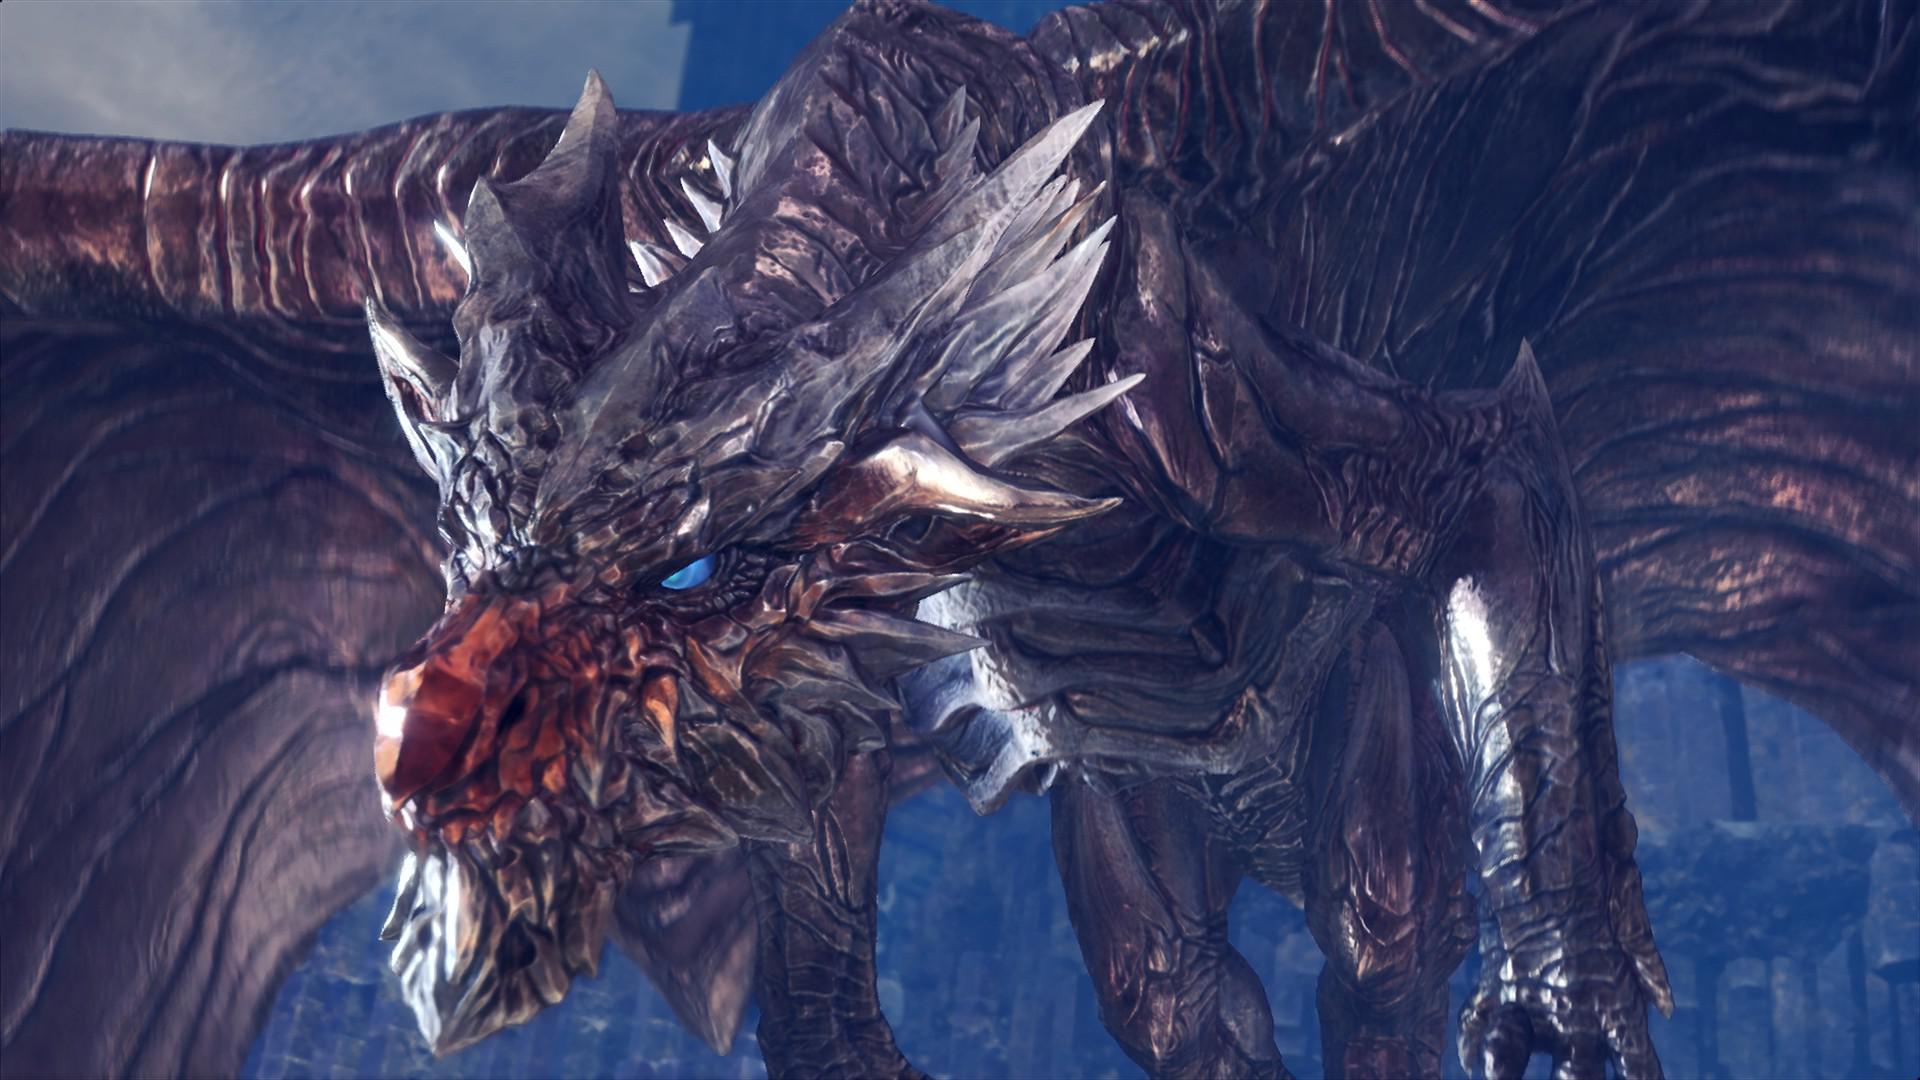 《怪物猎人世界》硬盘需求16G 官方公布更多怪物